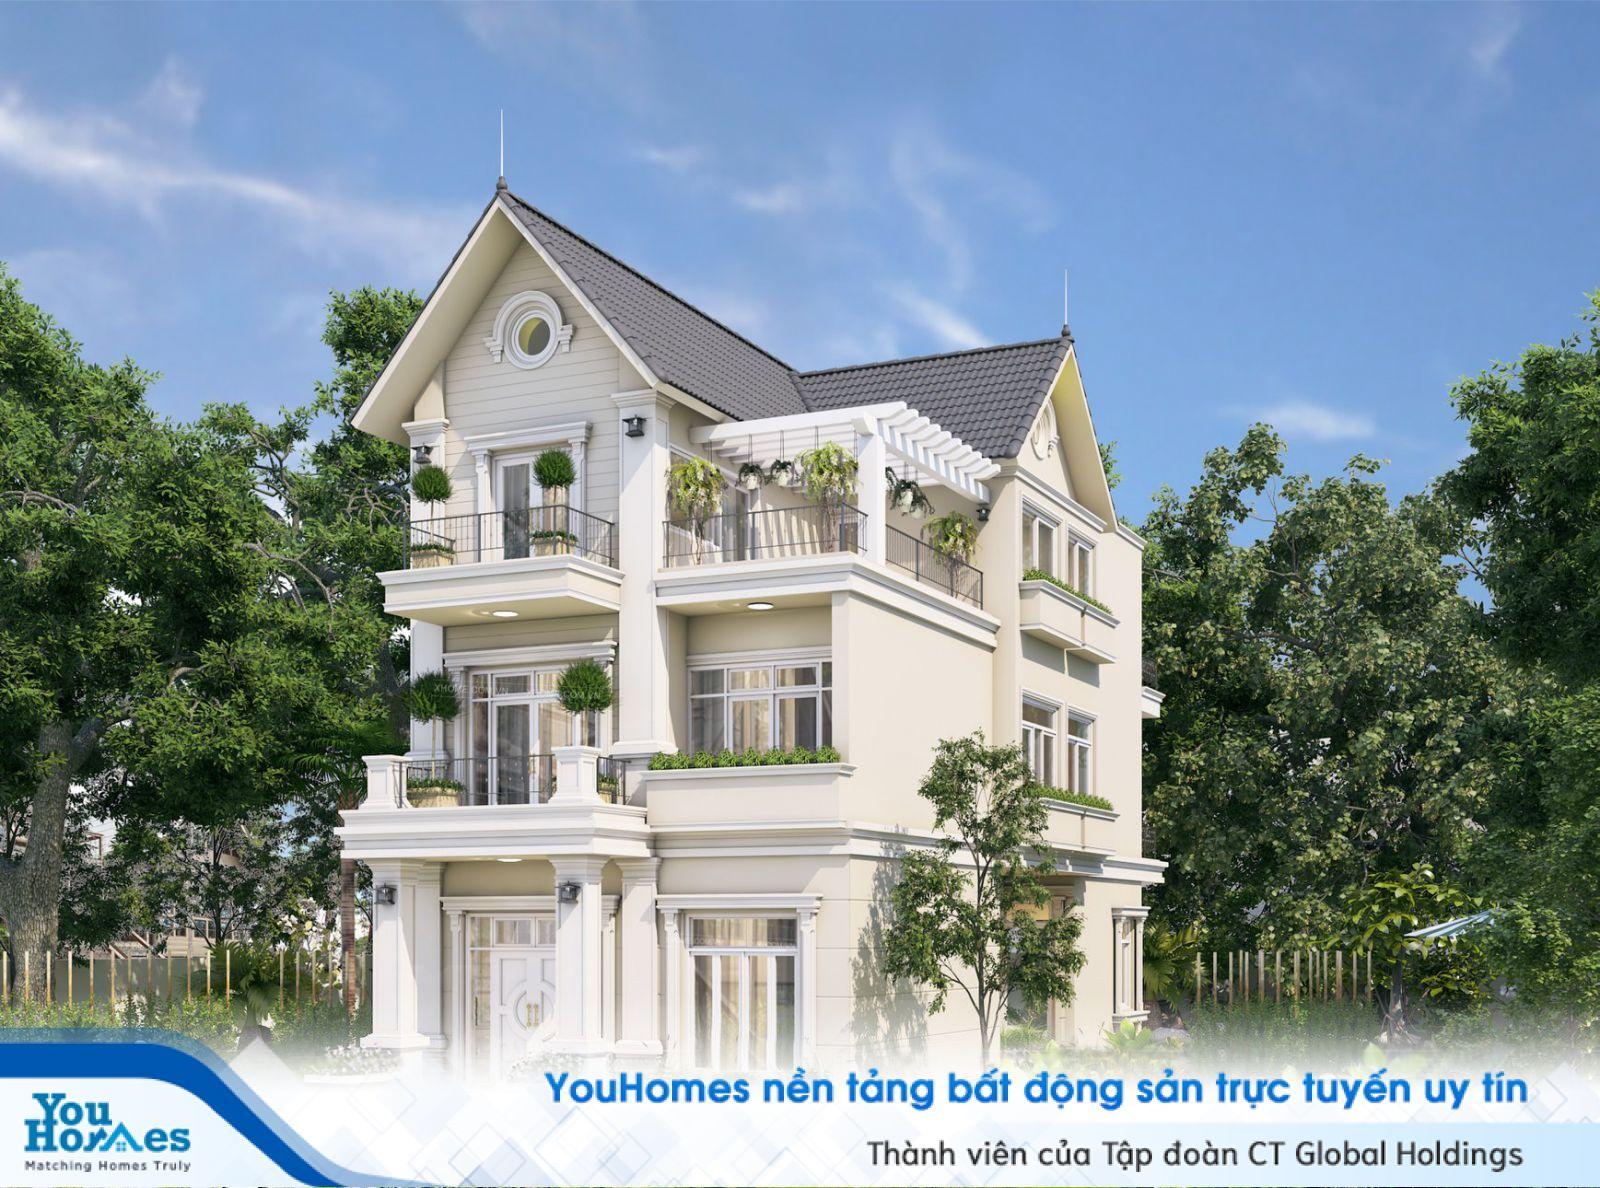 Biệt thự 3 tầng màu trắng pha chút màu hiện đại...